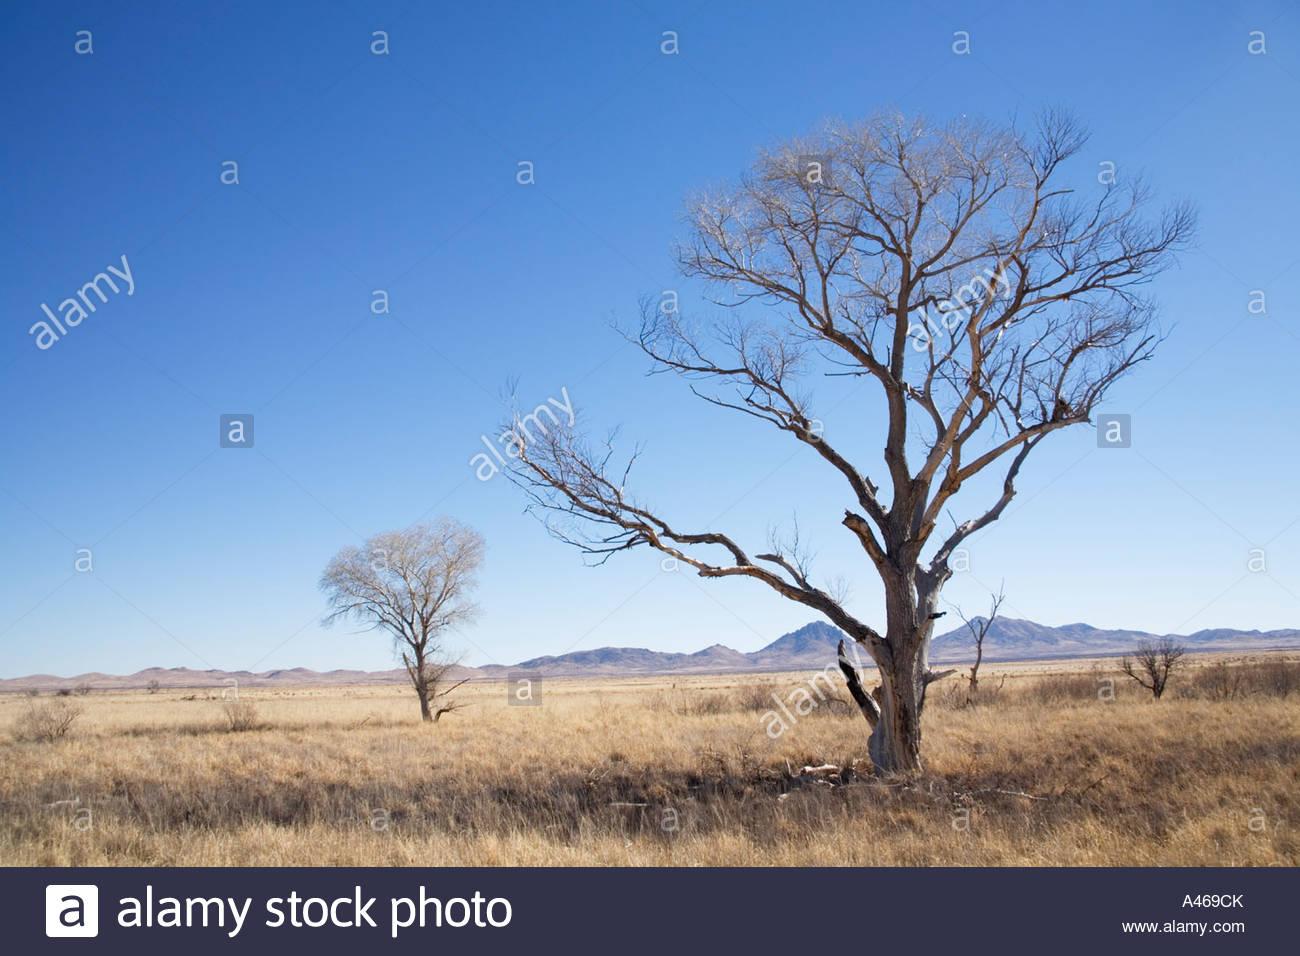 Árbol de chopo muerto esbozadas contra el cielo en el campo de hierba seca Imagen De Stock